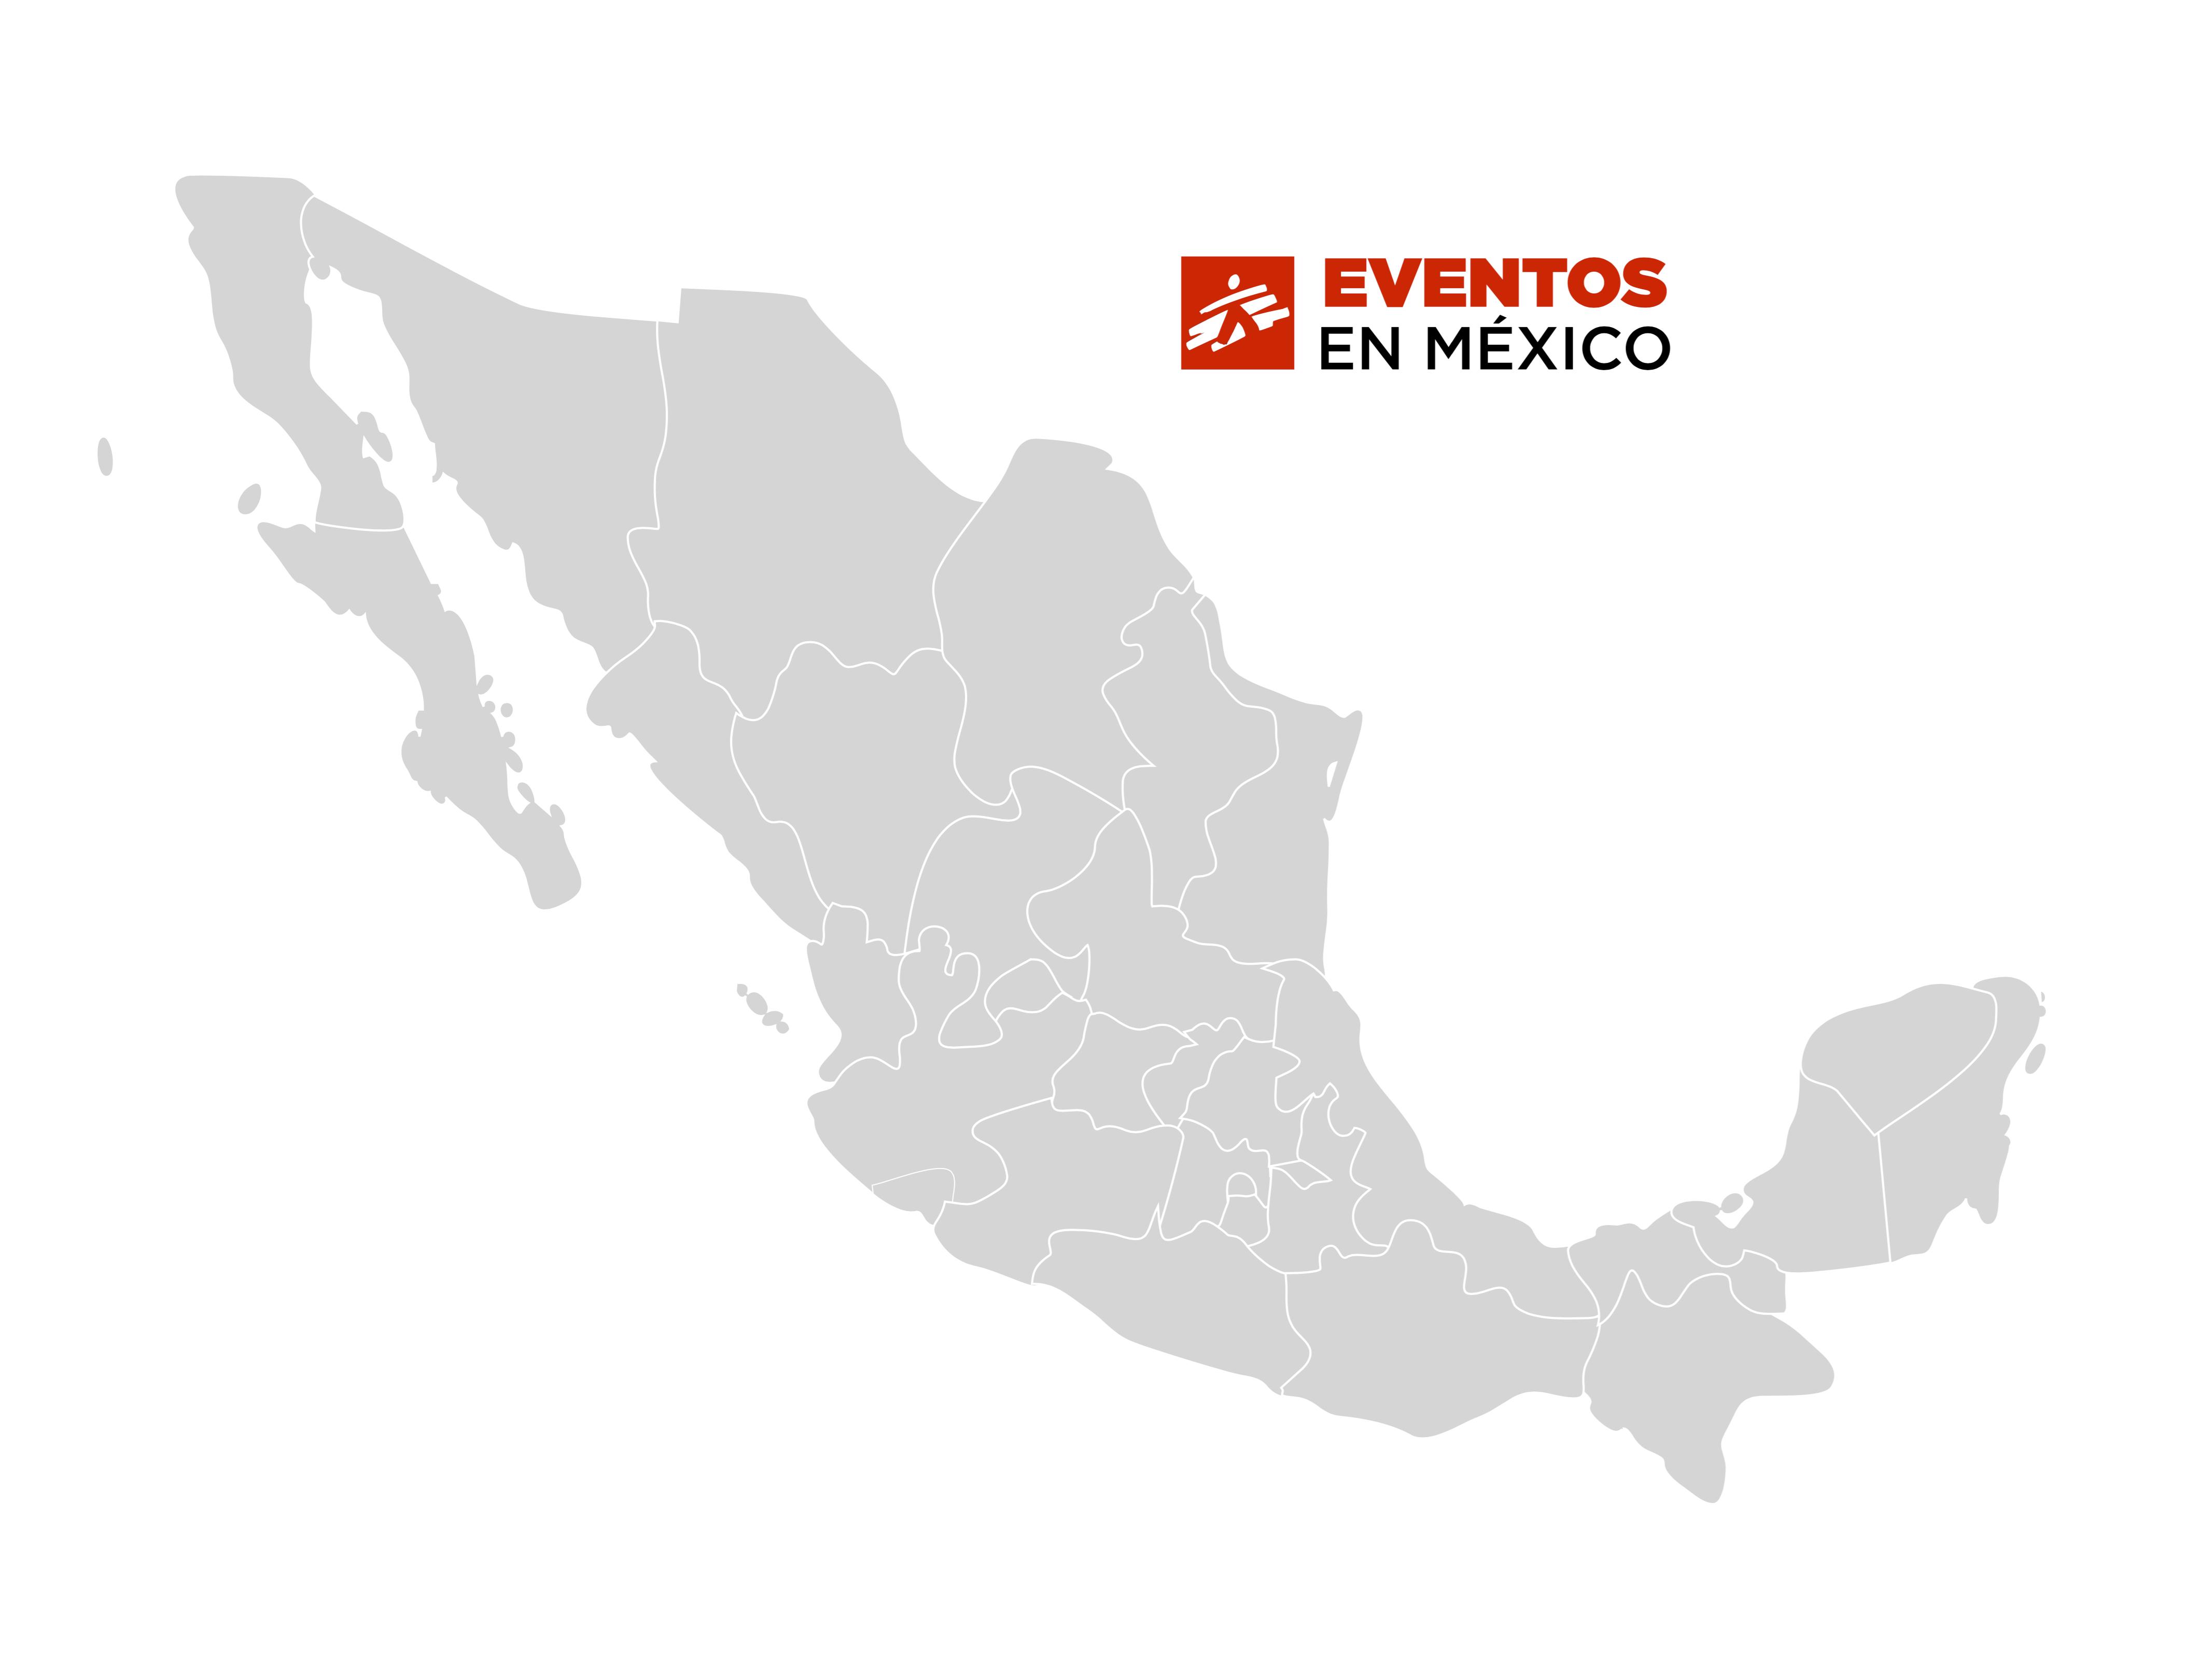 Eventos De Msf En México